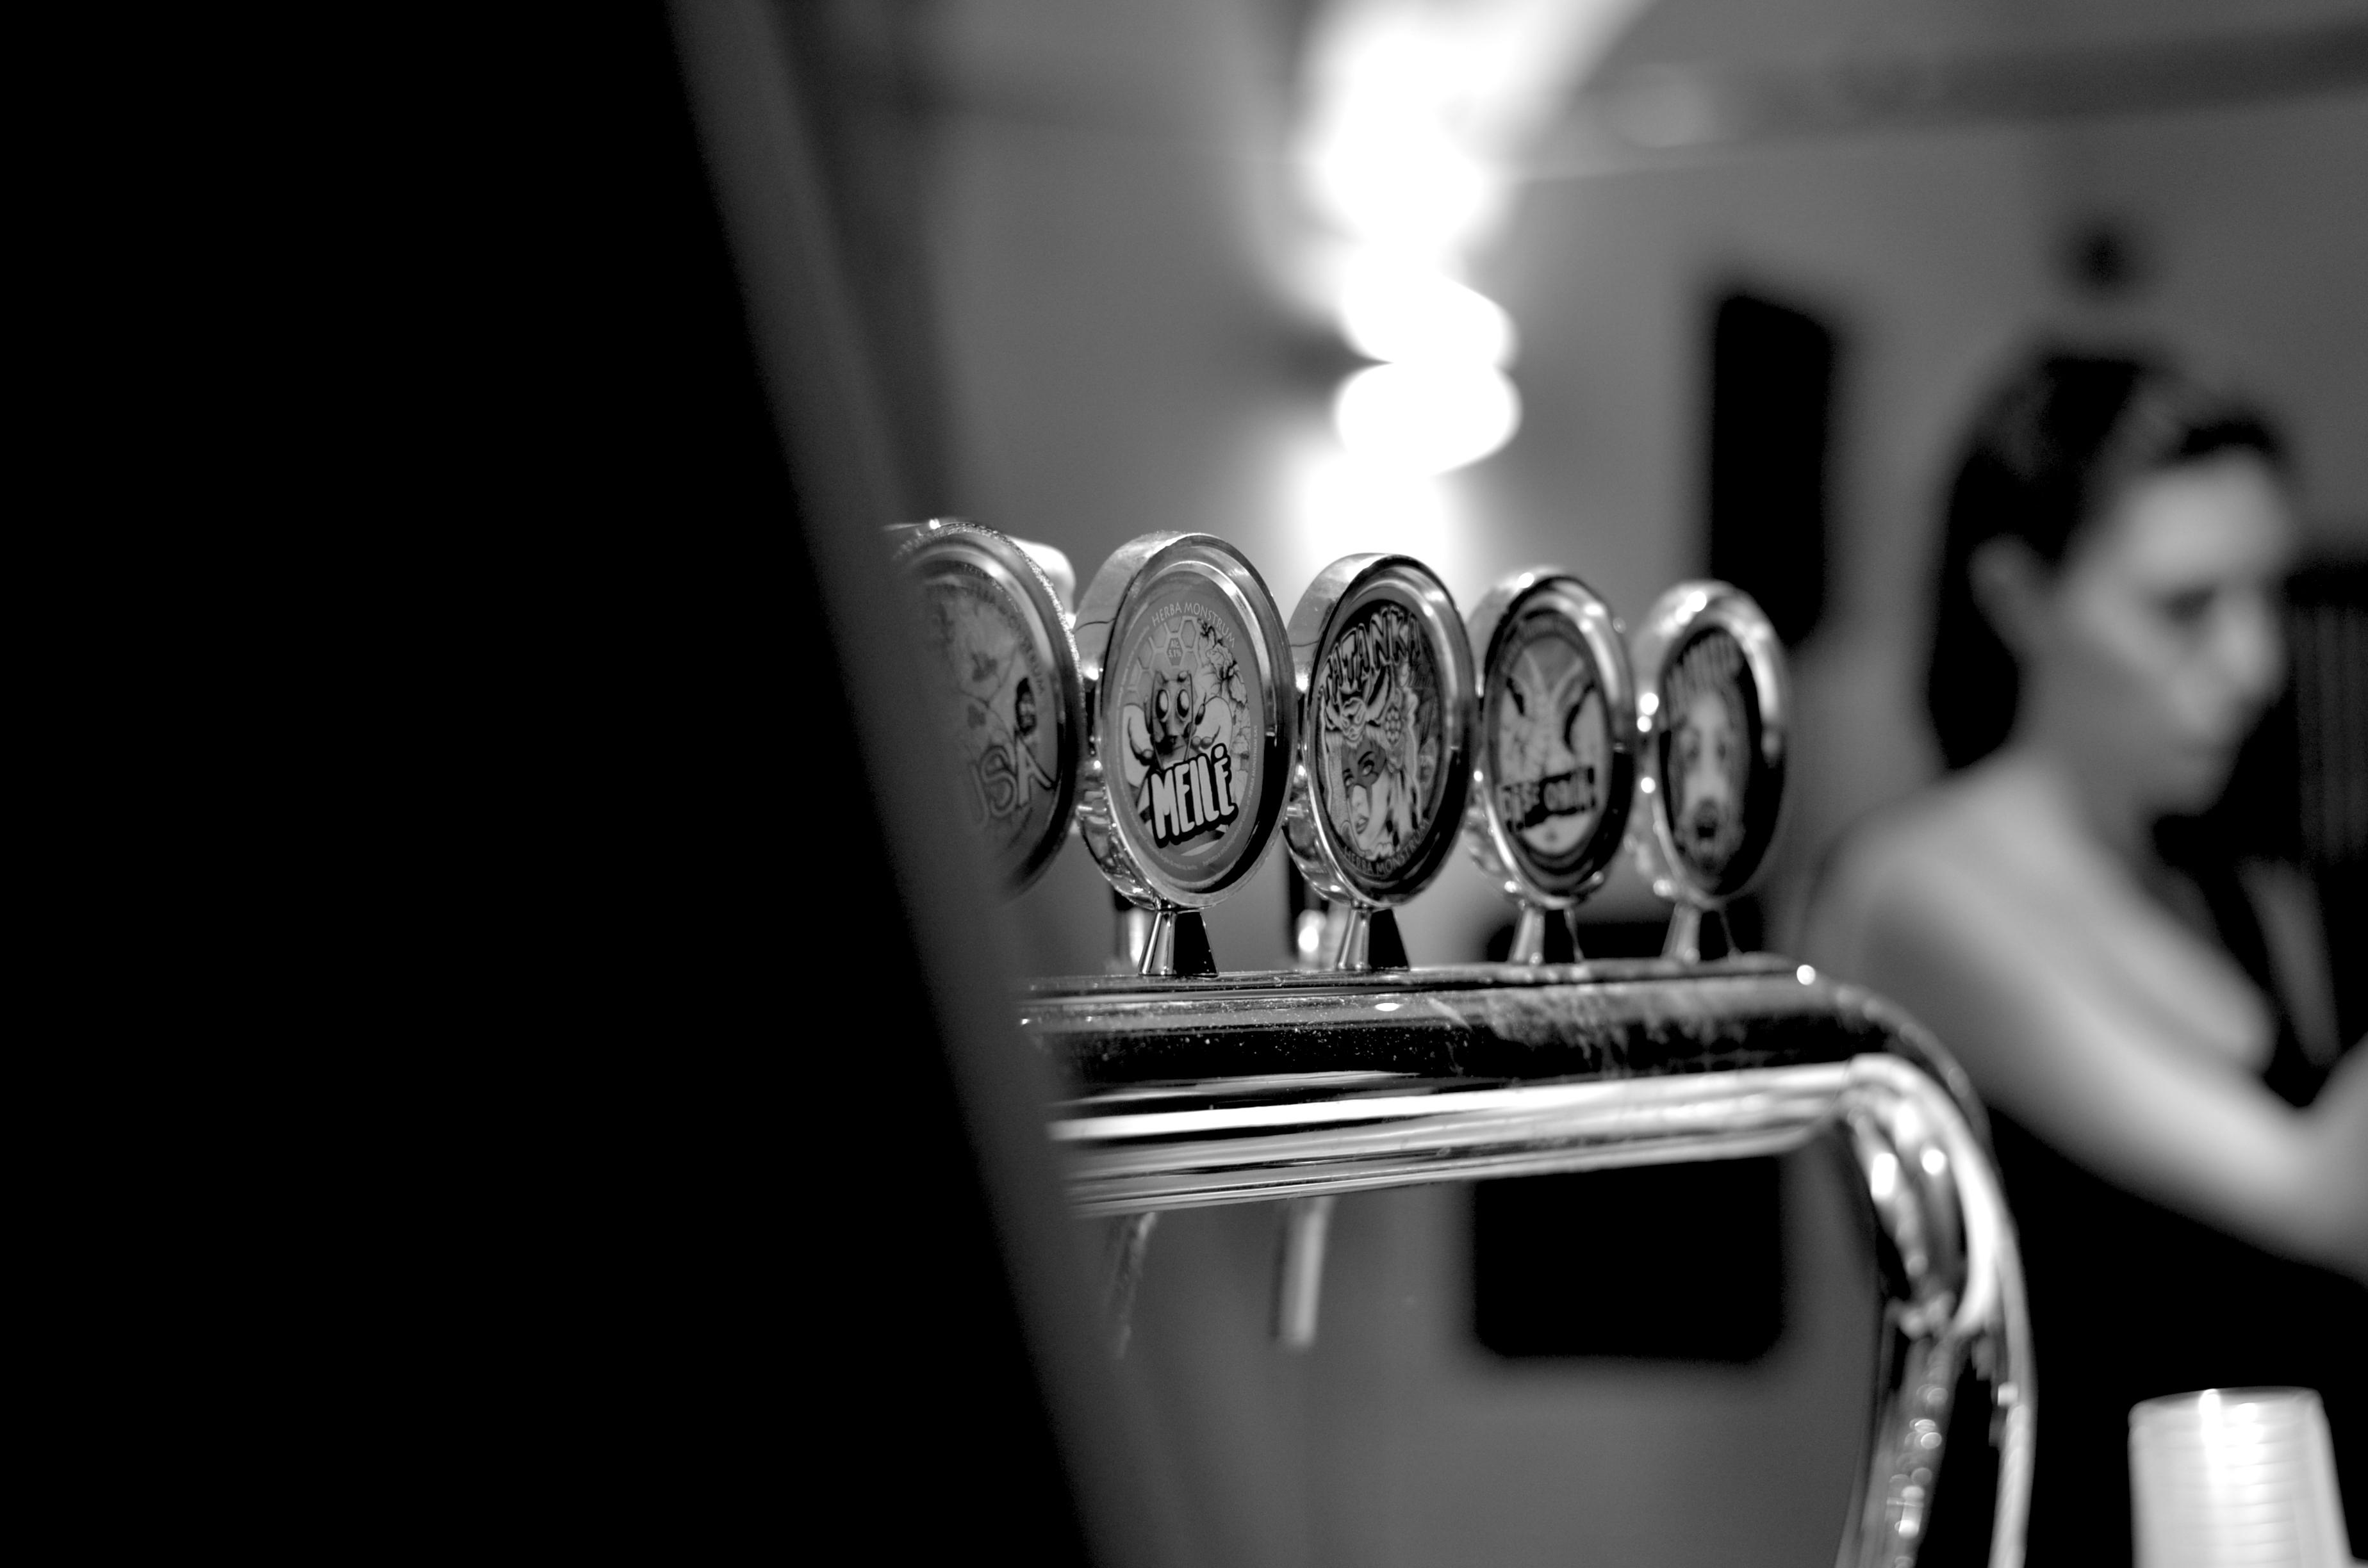 Chiusura estiva 2019, dal 12 al 21 agosto. Herba Monstrum Brewery via Ettore Monti, 29, 23851 in zona Ponte Azzone Visconti Lecco. Birre artigianali alla spina di Herba Monstrum Brewery.